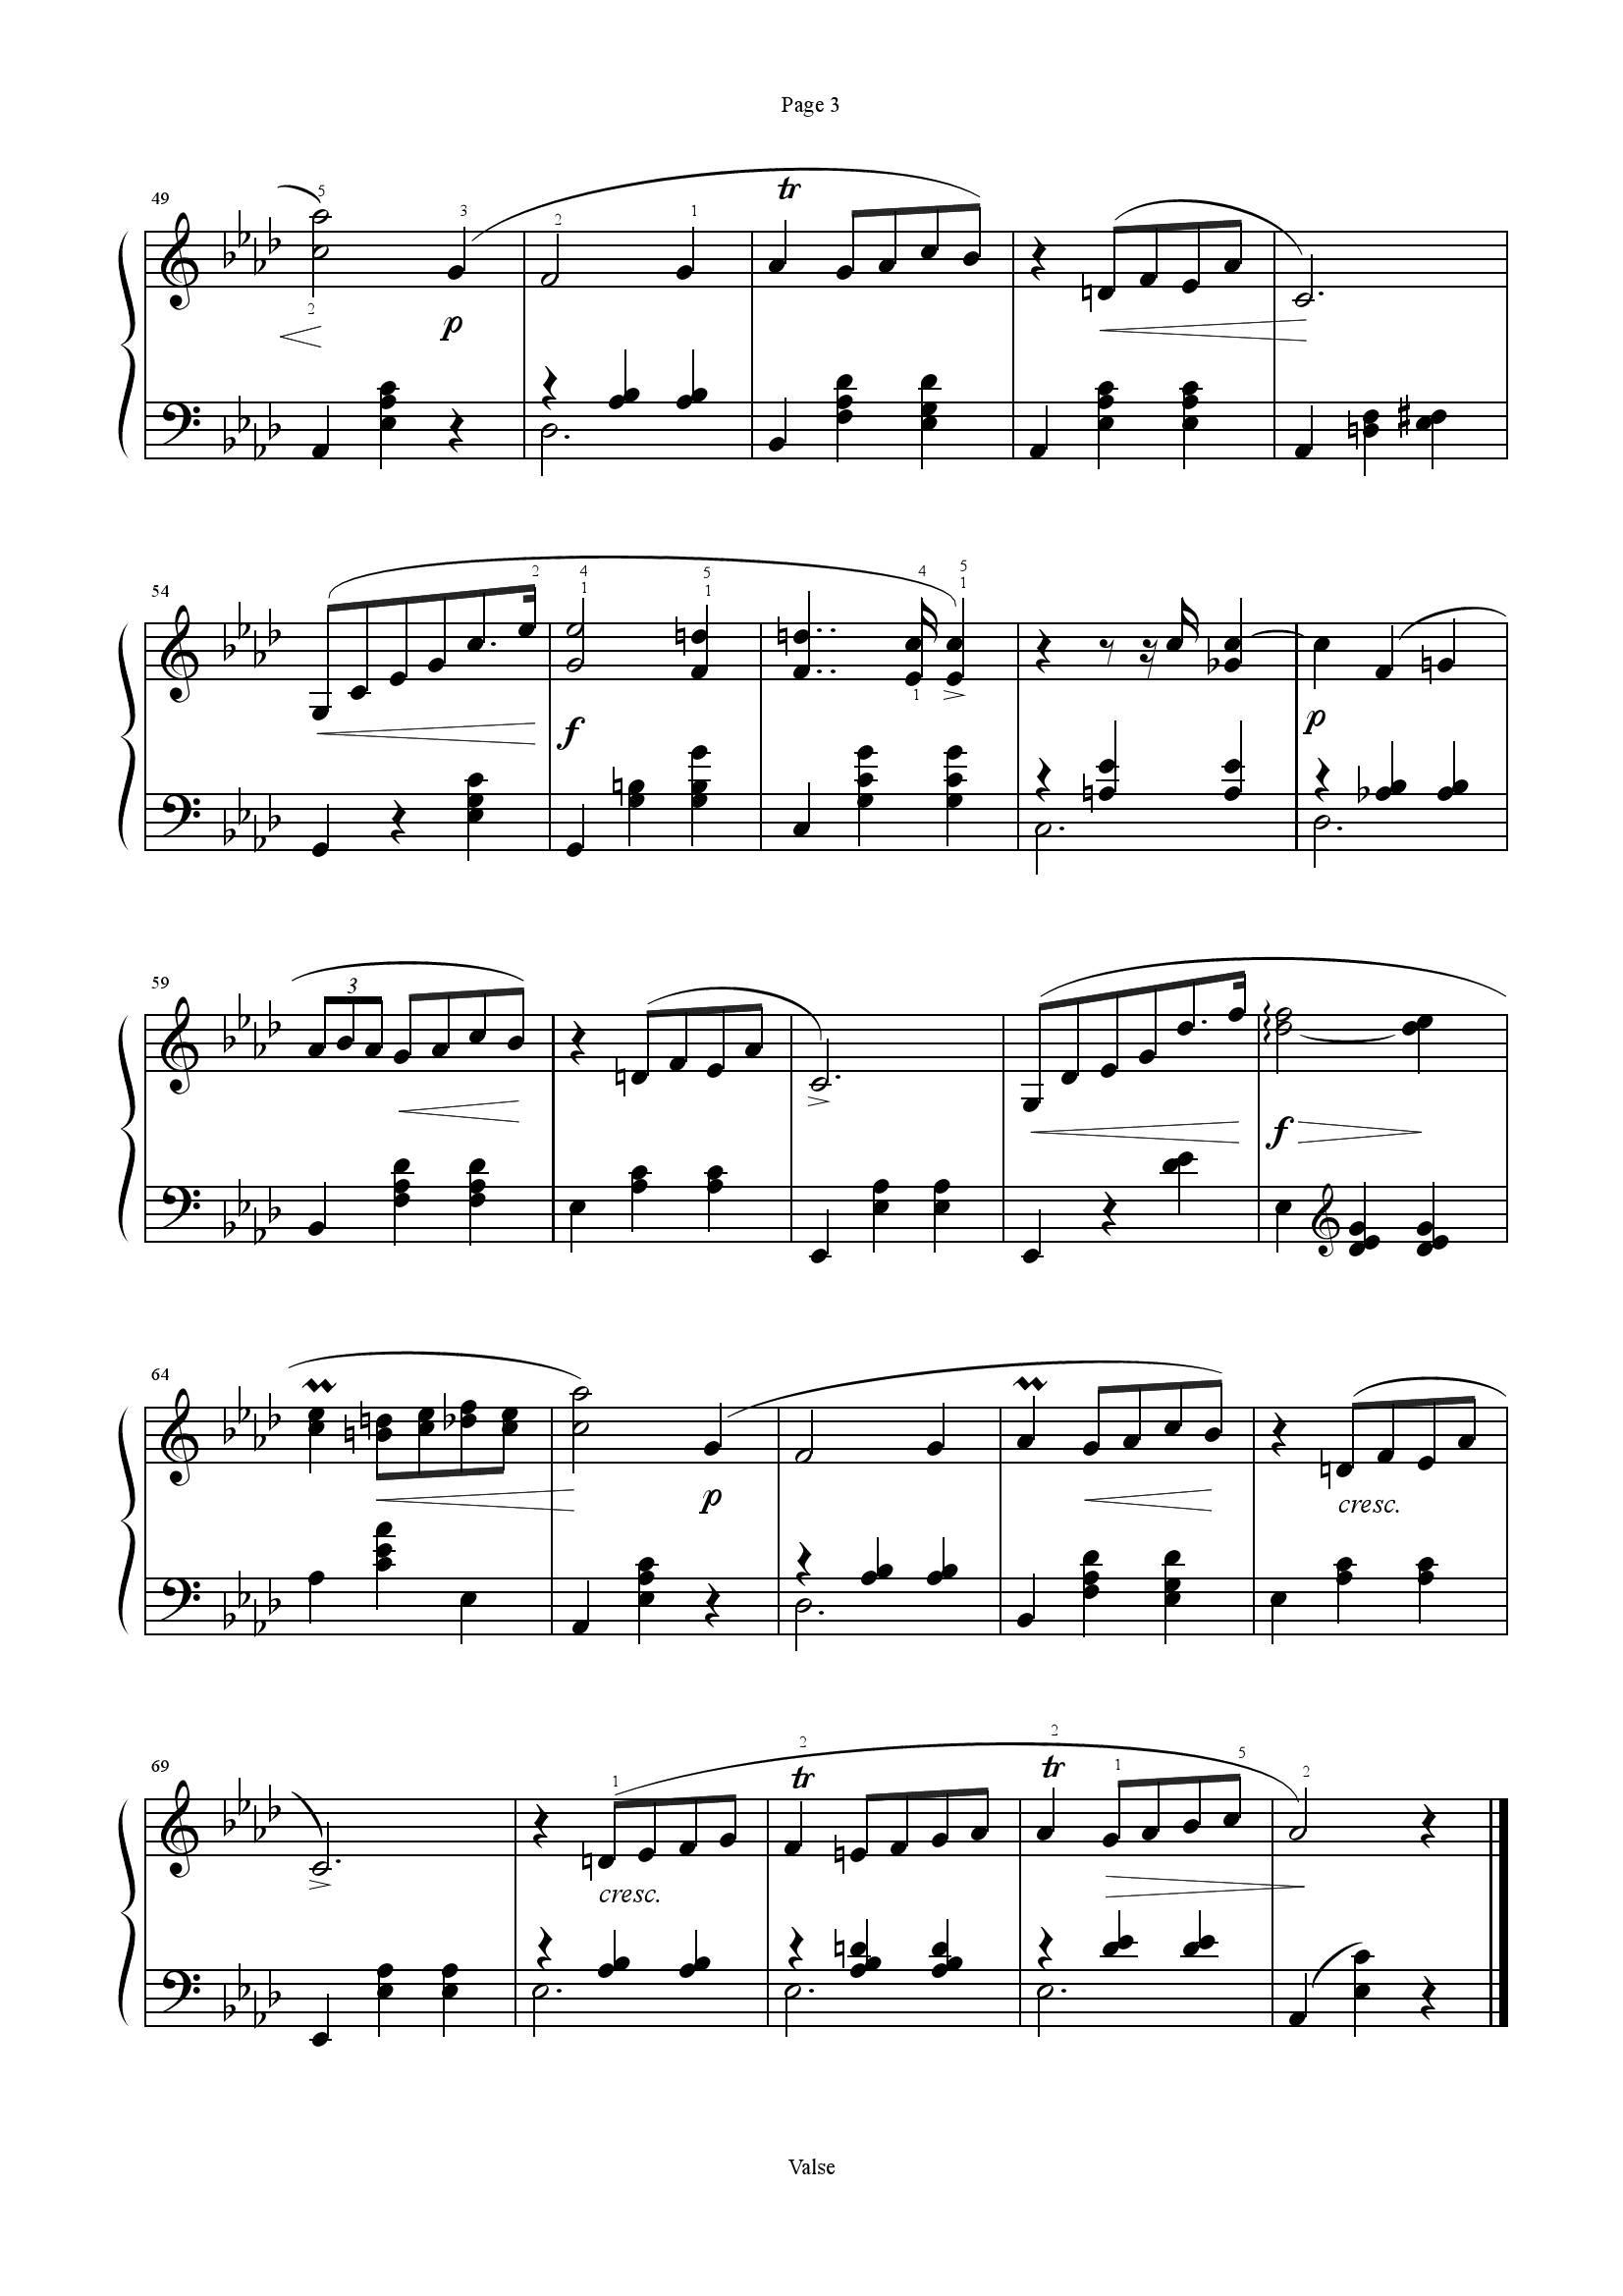 Chopin Opus 70 no 23 - نت آهنگ Opus 70 no 2 از Chopin